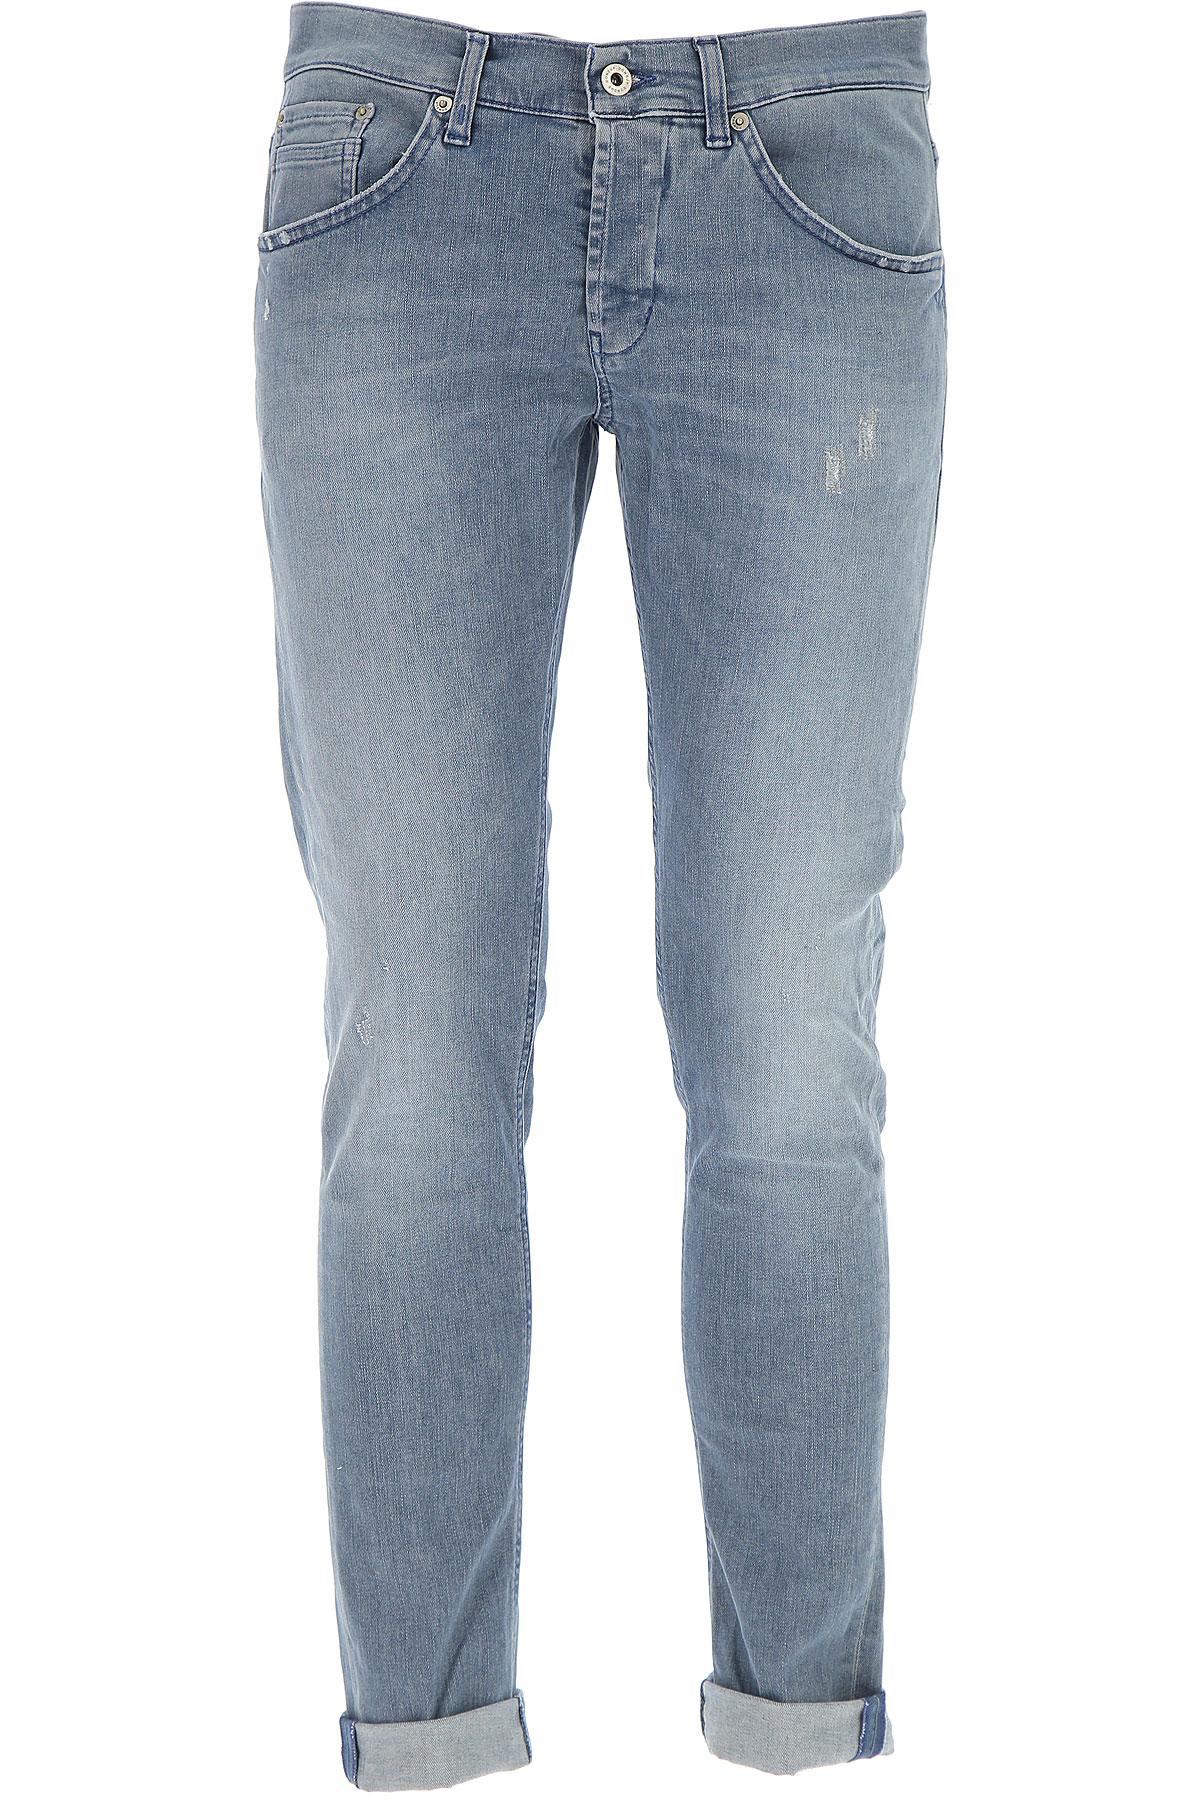 Dondup Jeans On Sale, Denim Blue, Cotton, 2017, 30 32 33 34 36 38